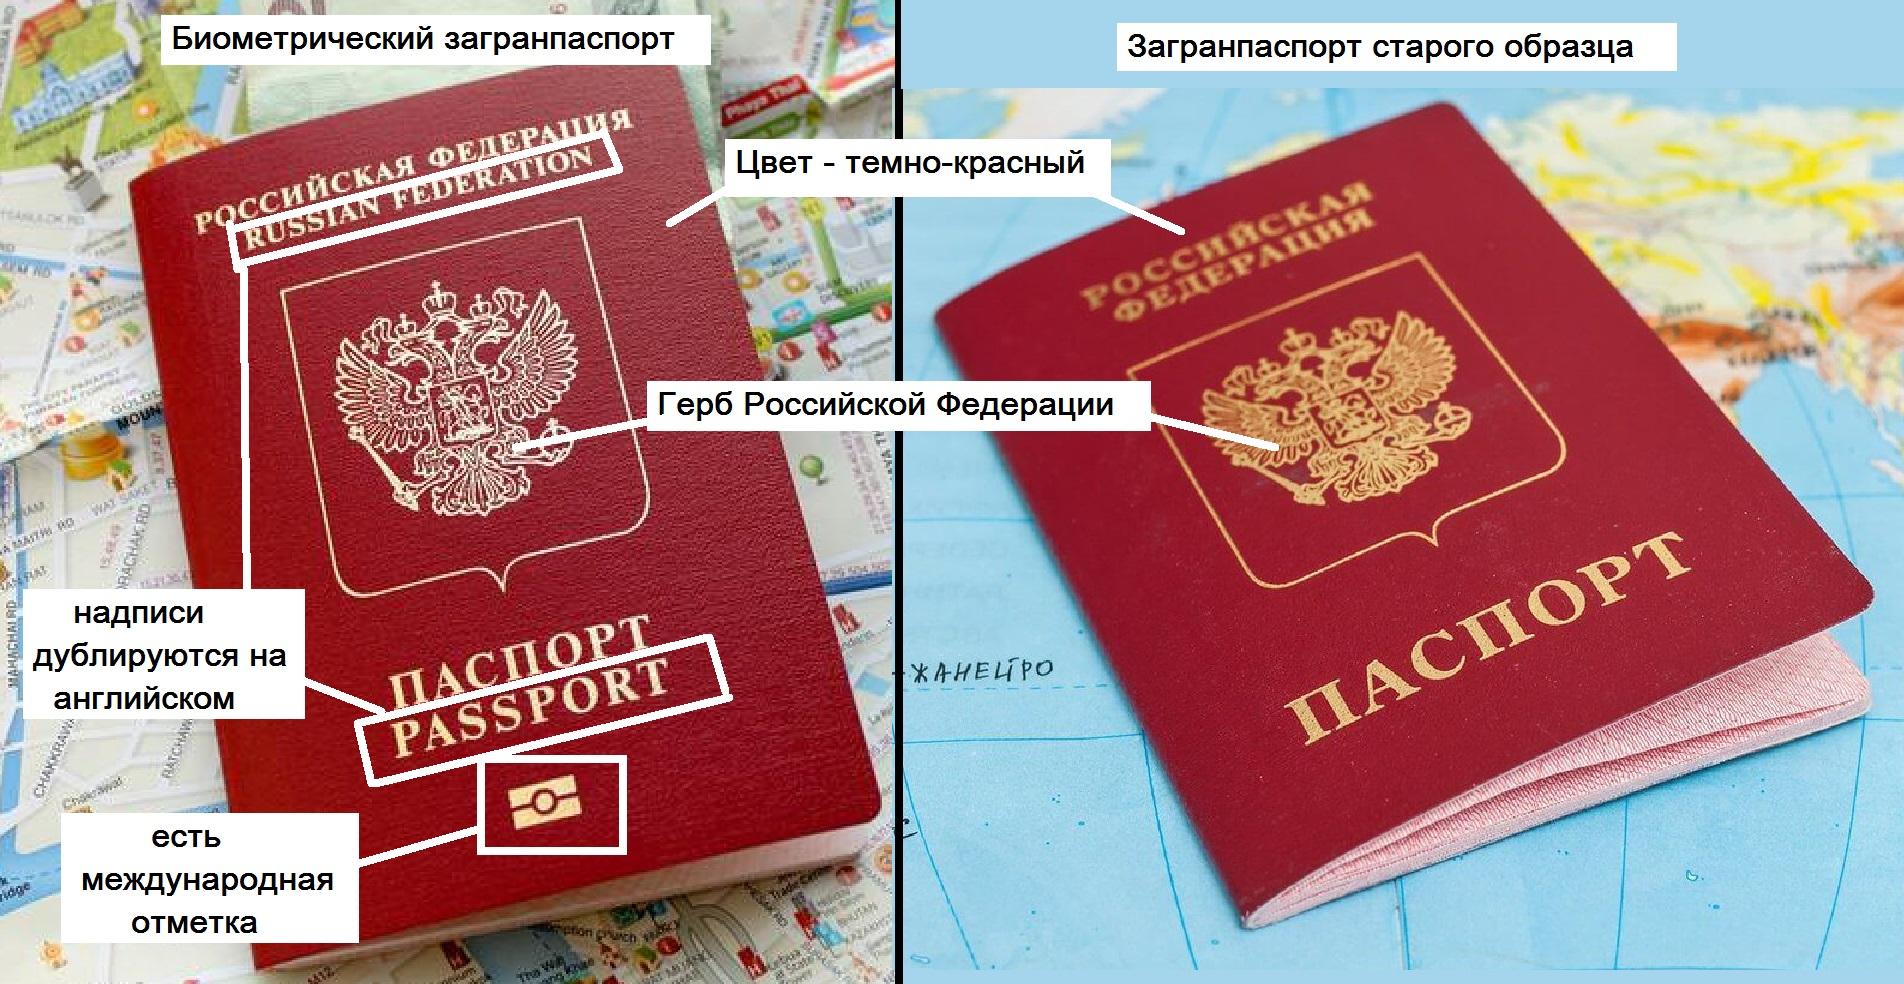 Как сделать быстро загранпаспорт в СПб 83